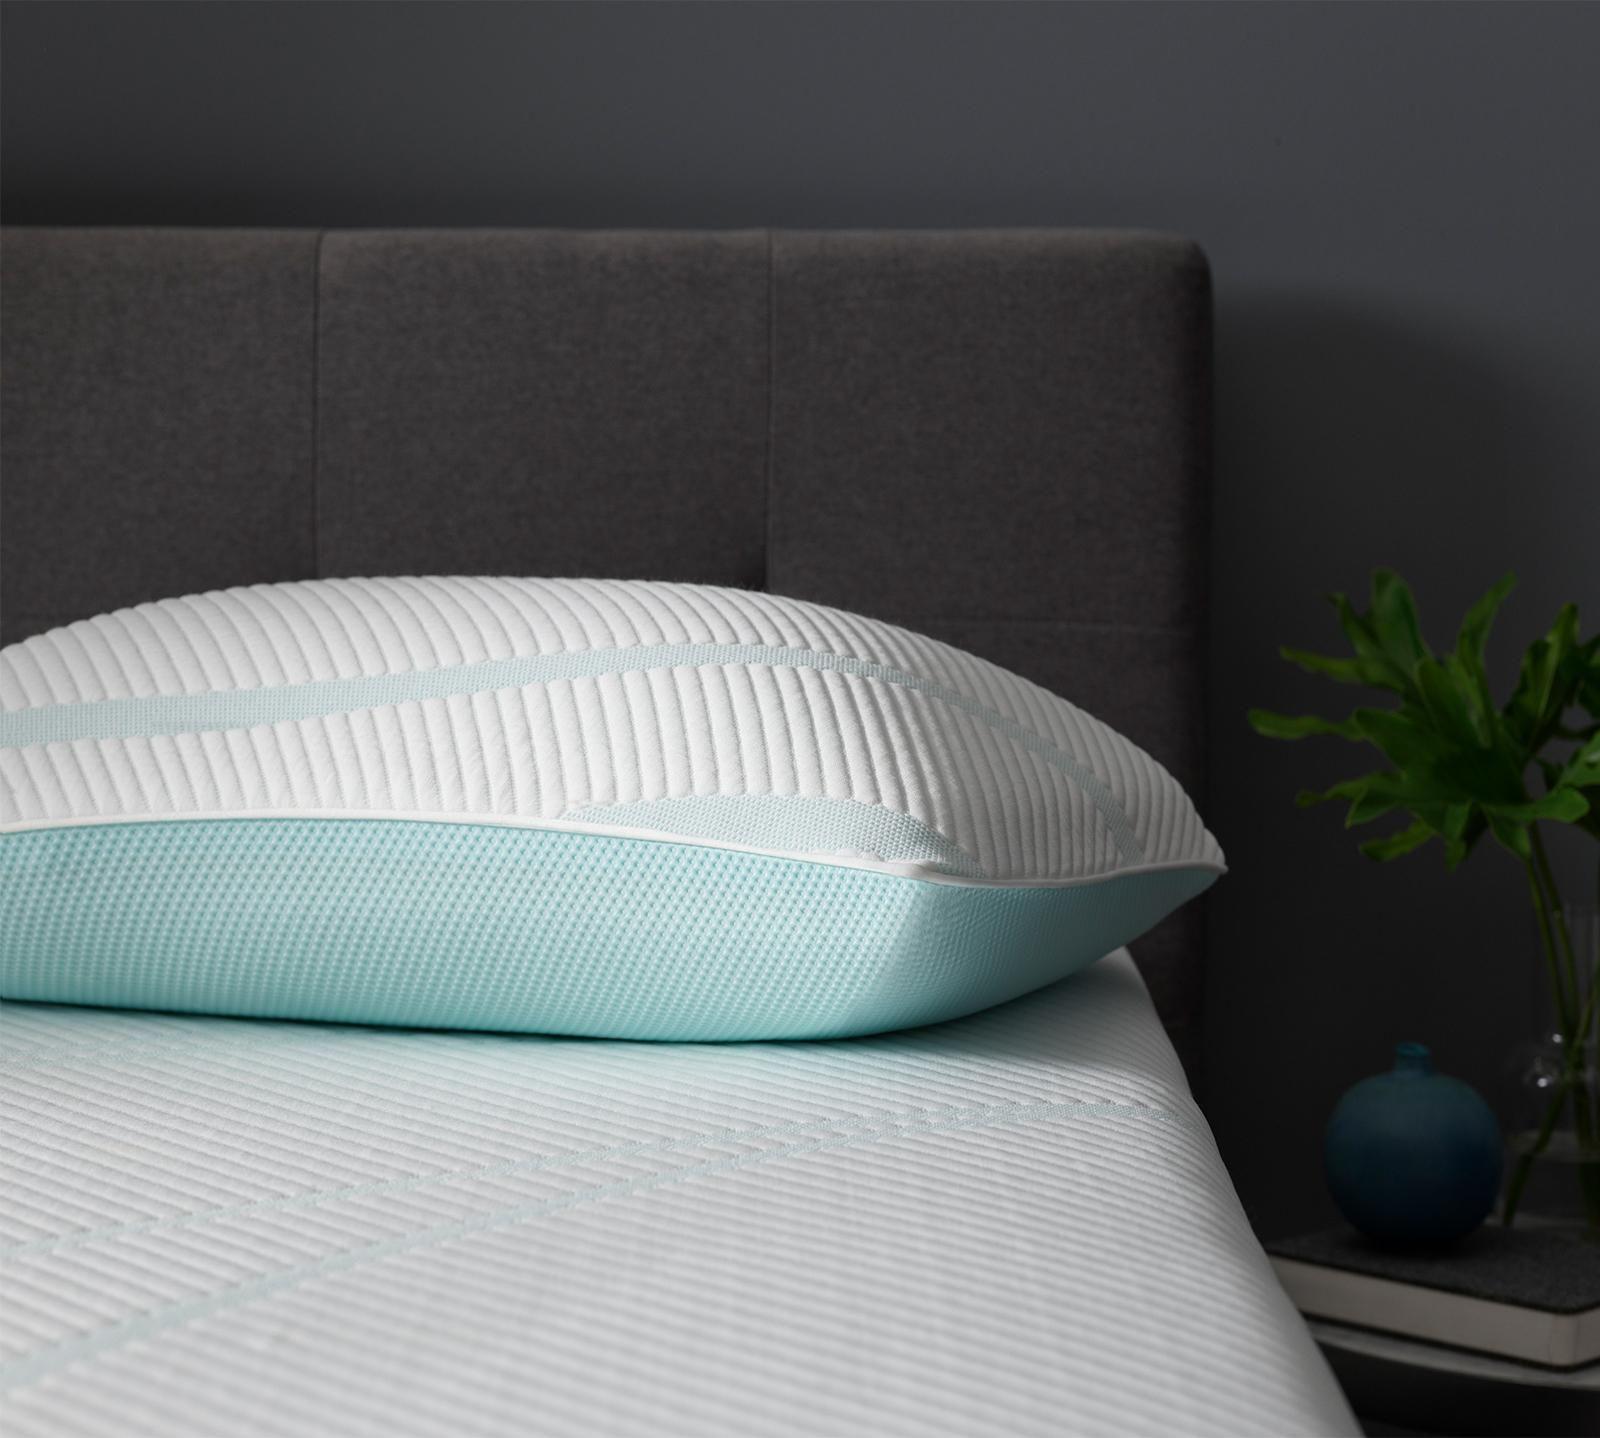 Tempur Pedic Tempur Adapt Pro Mid Cooling Pillow In 2020 Pillows Best Pillow Foam Pillows